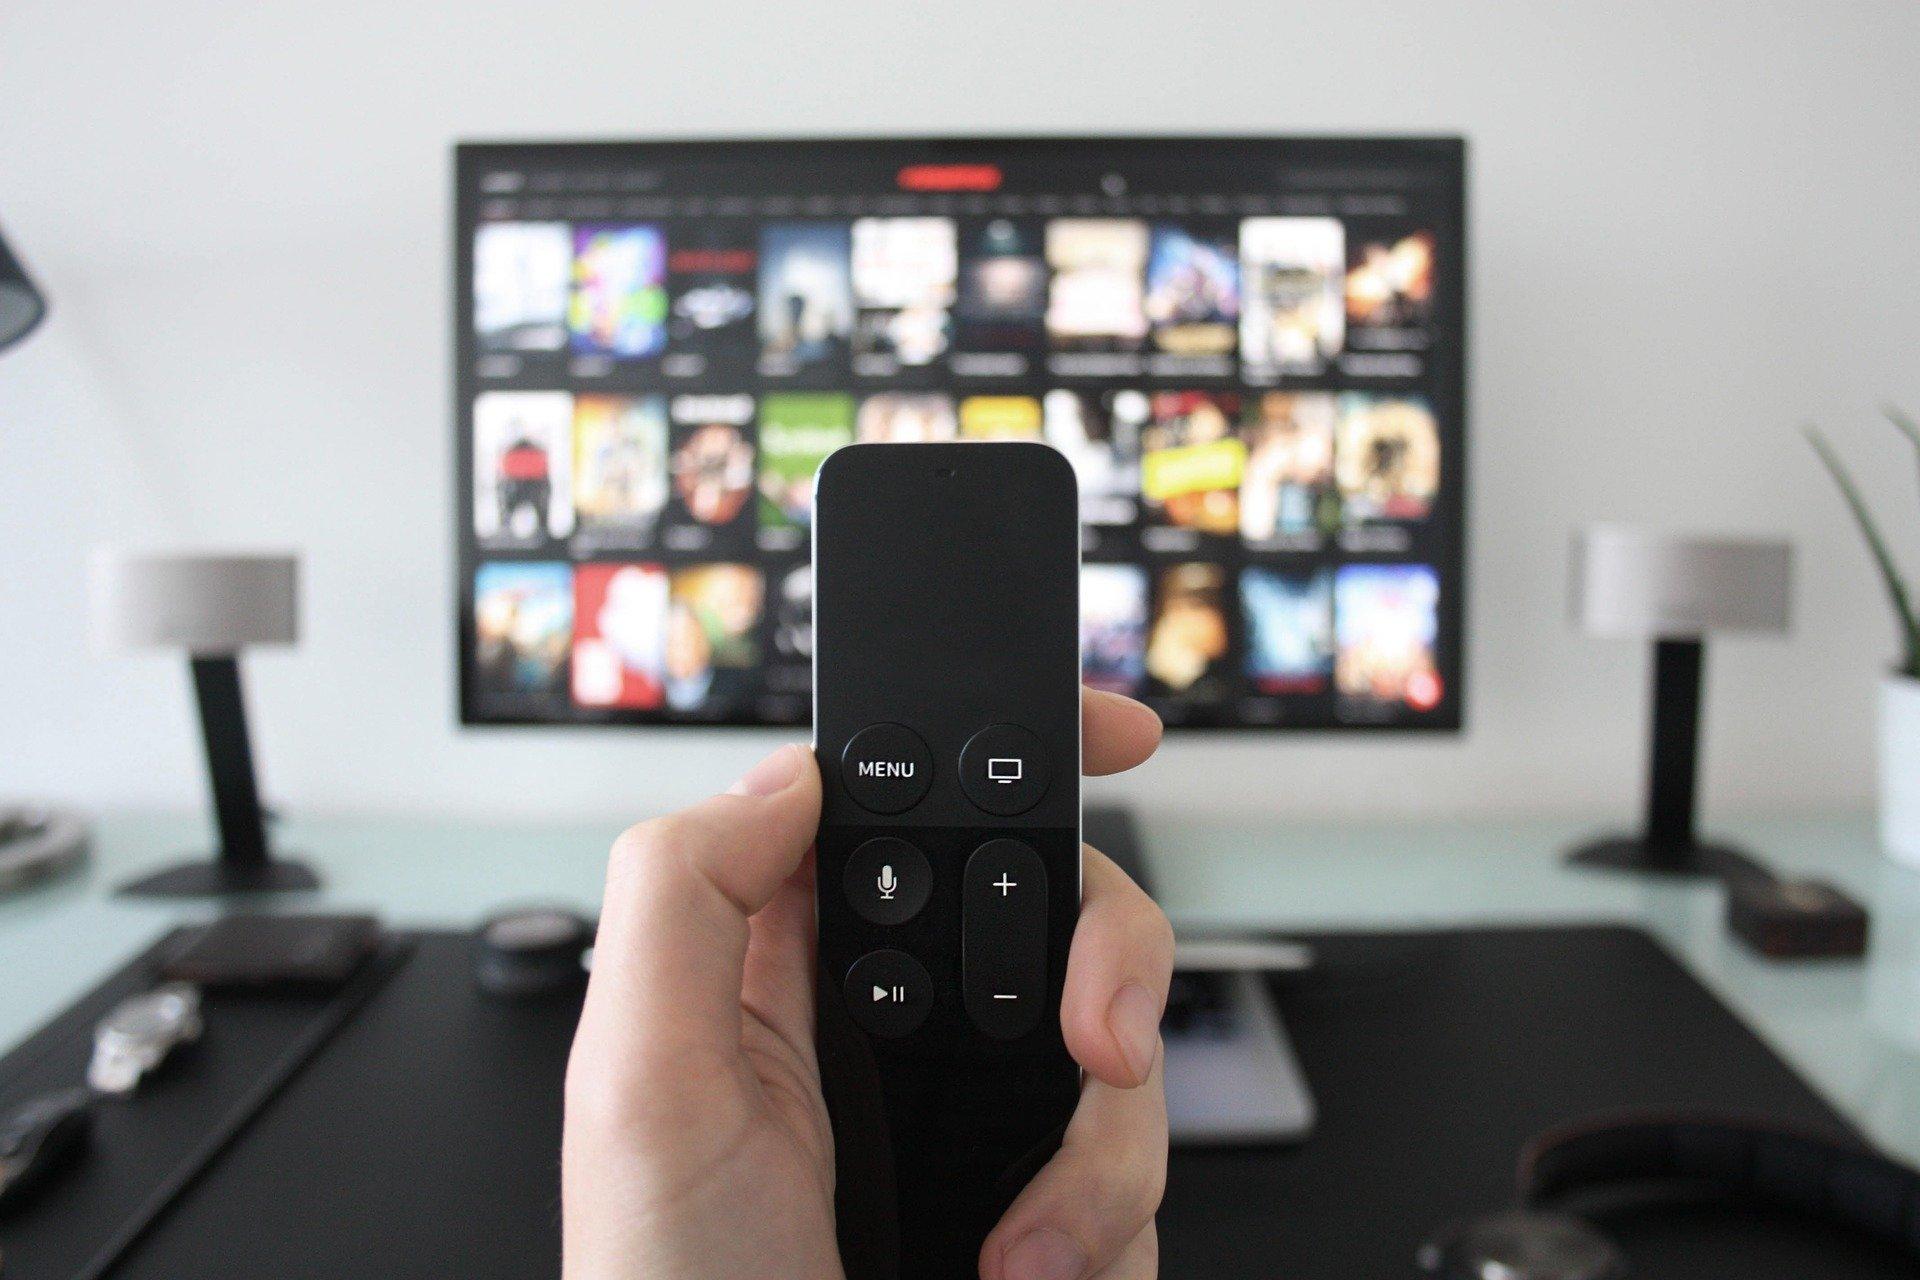 Imagem de pessoa segurando um controle remoto em frente a uma TV